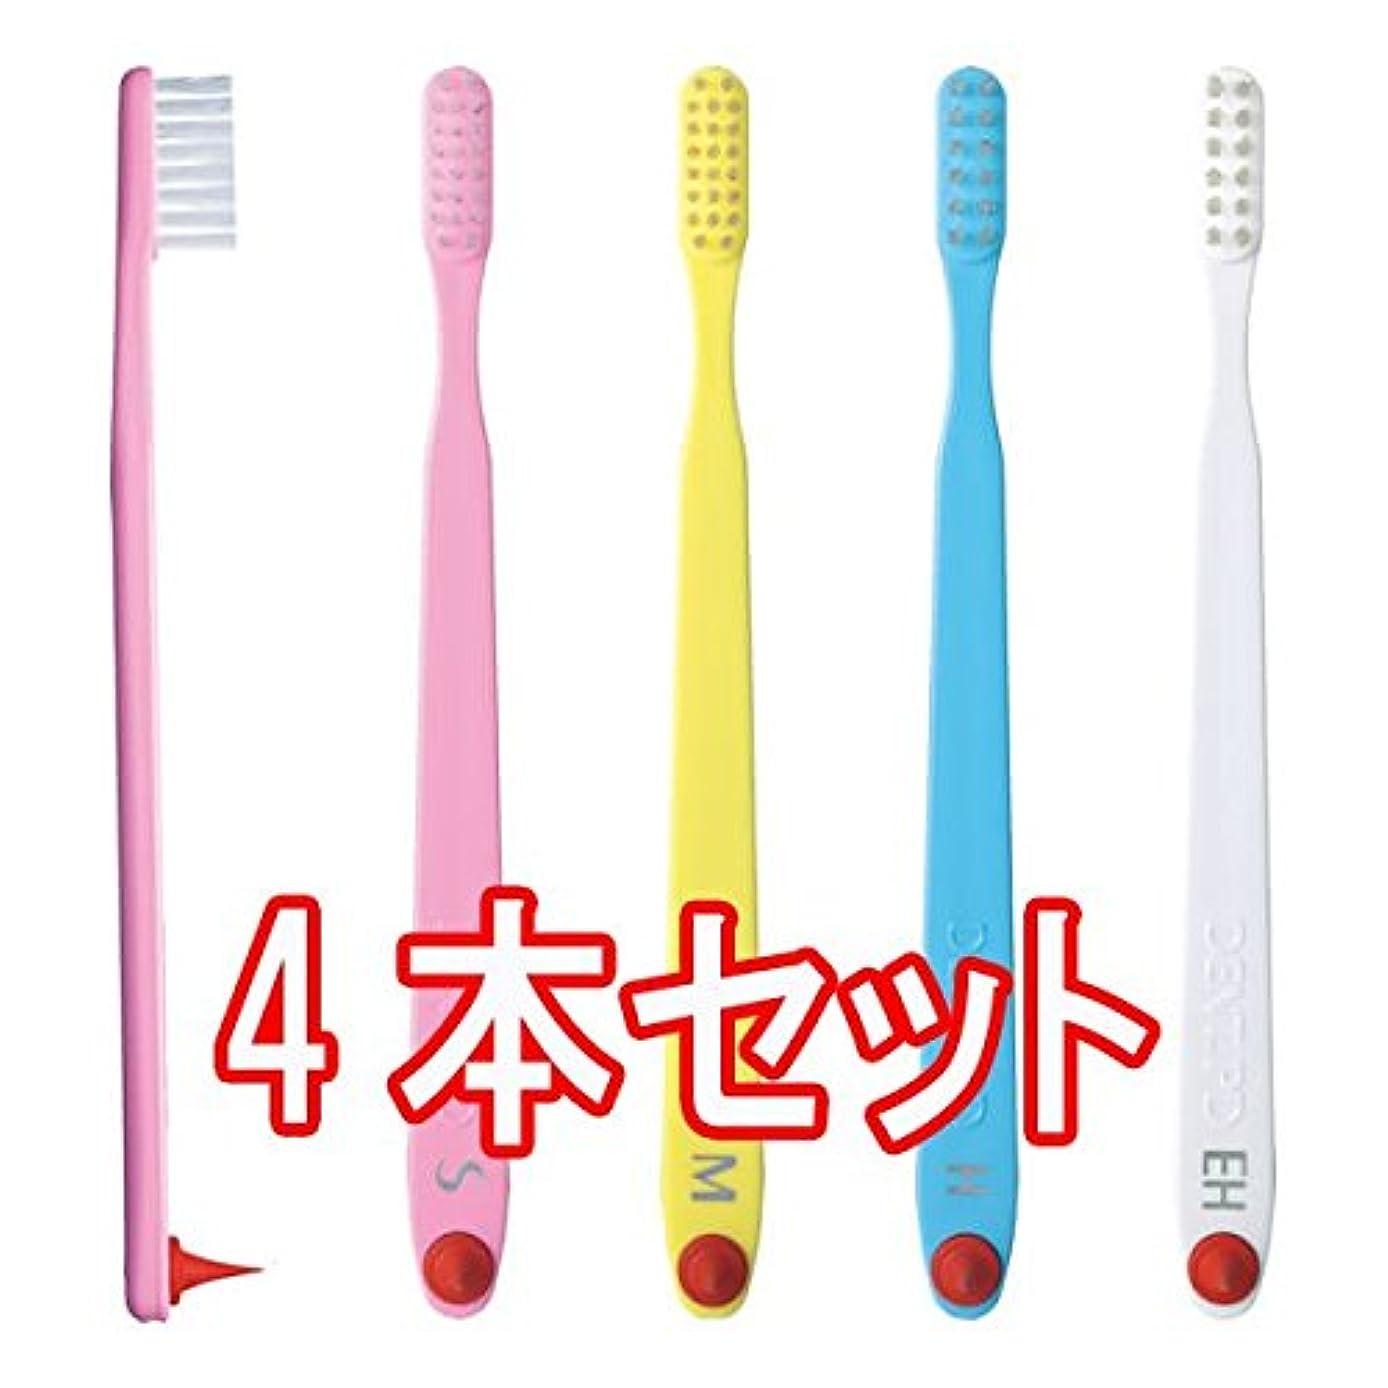 実業家正直複合ライオン DENT.PD 歯ブラシ 4本入 (H)